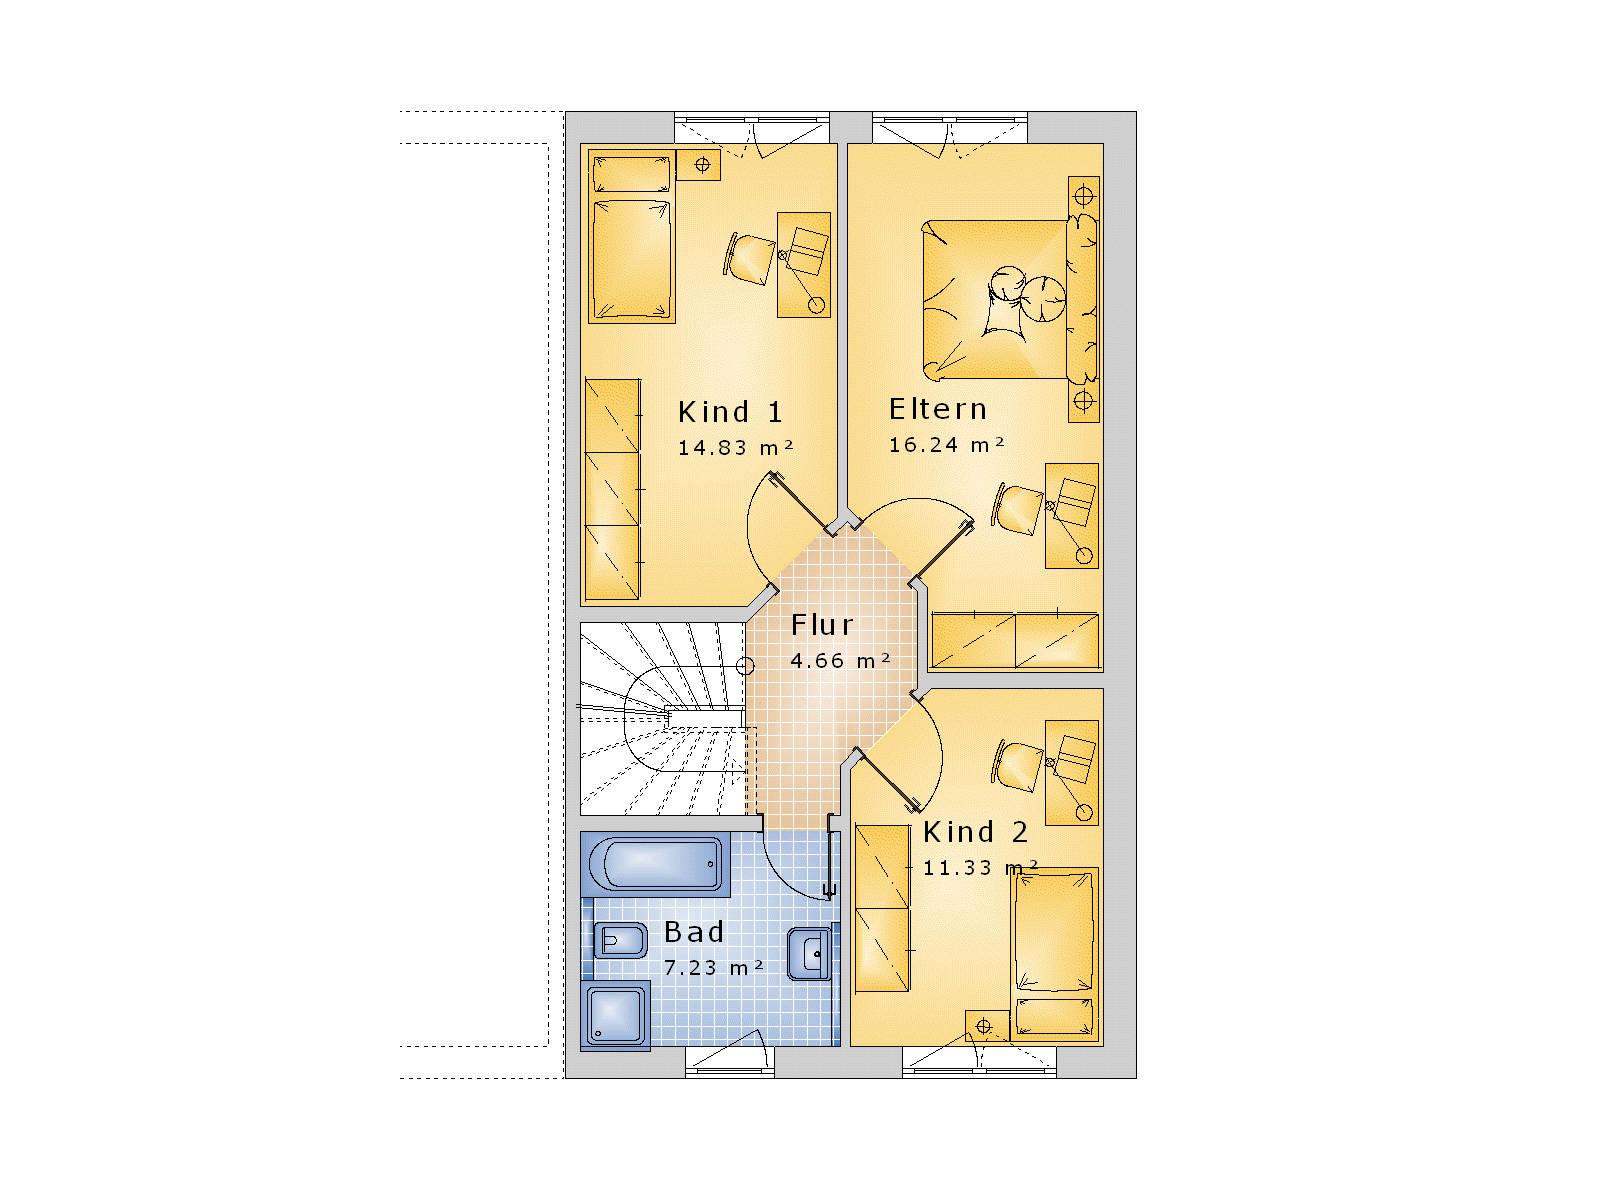 Doppelhaus satteldach putzfassade 135qm   ihb institut für hausbau ...